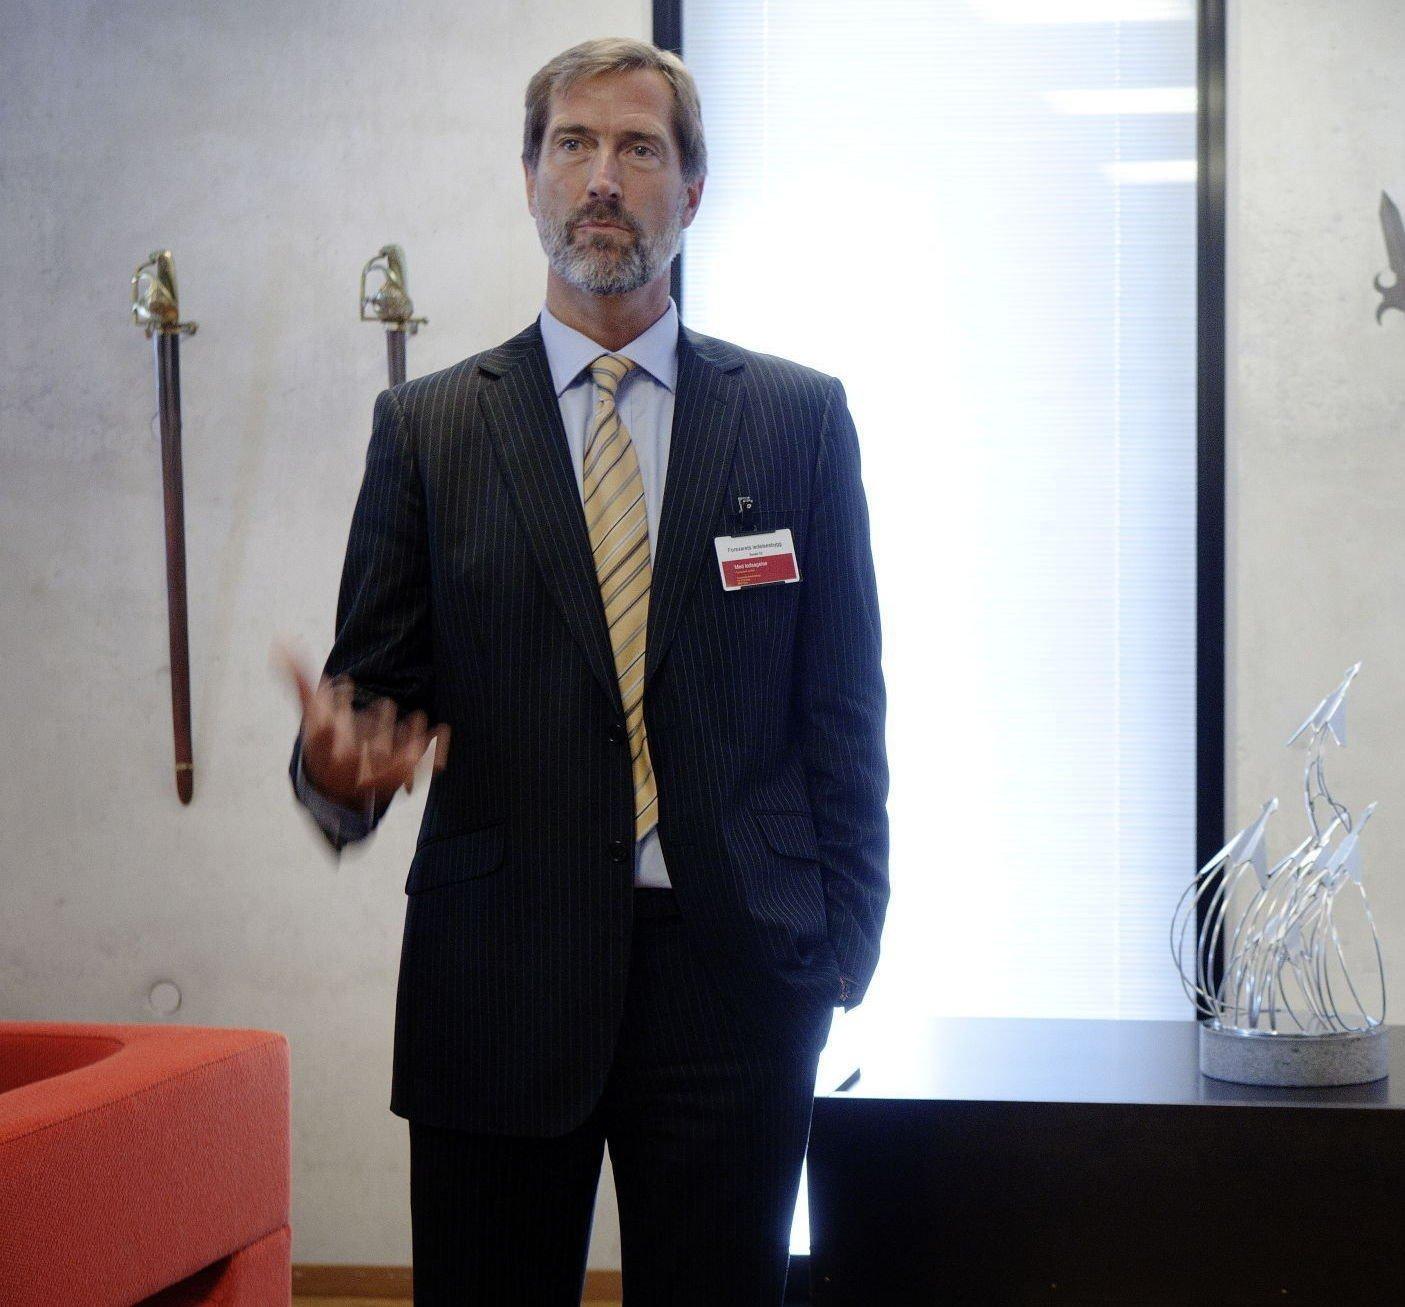 Kongsberg Gruppen som ledes av konsernsjef Walter Qvam er siktet for korrupsjon.